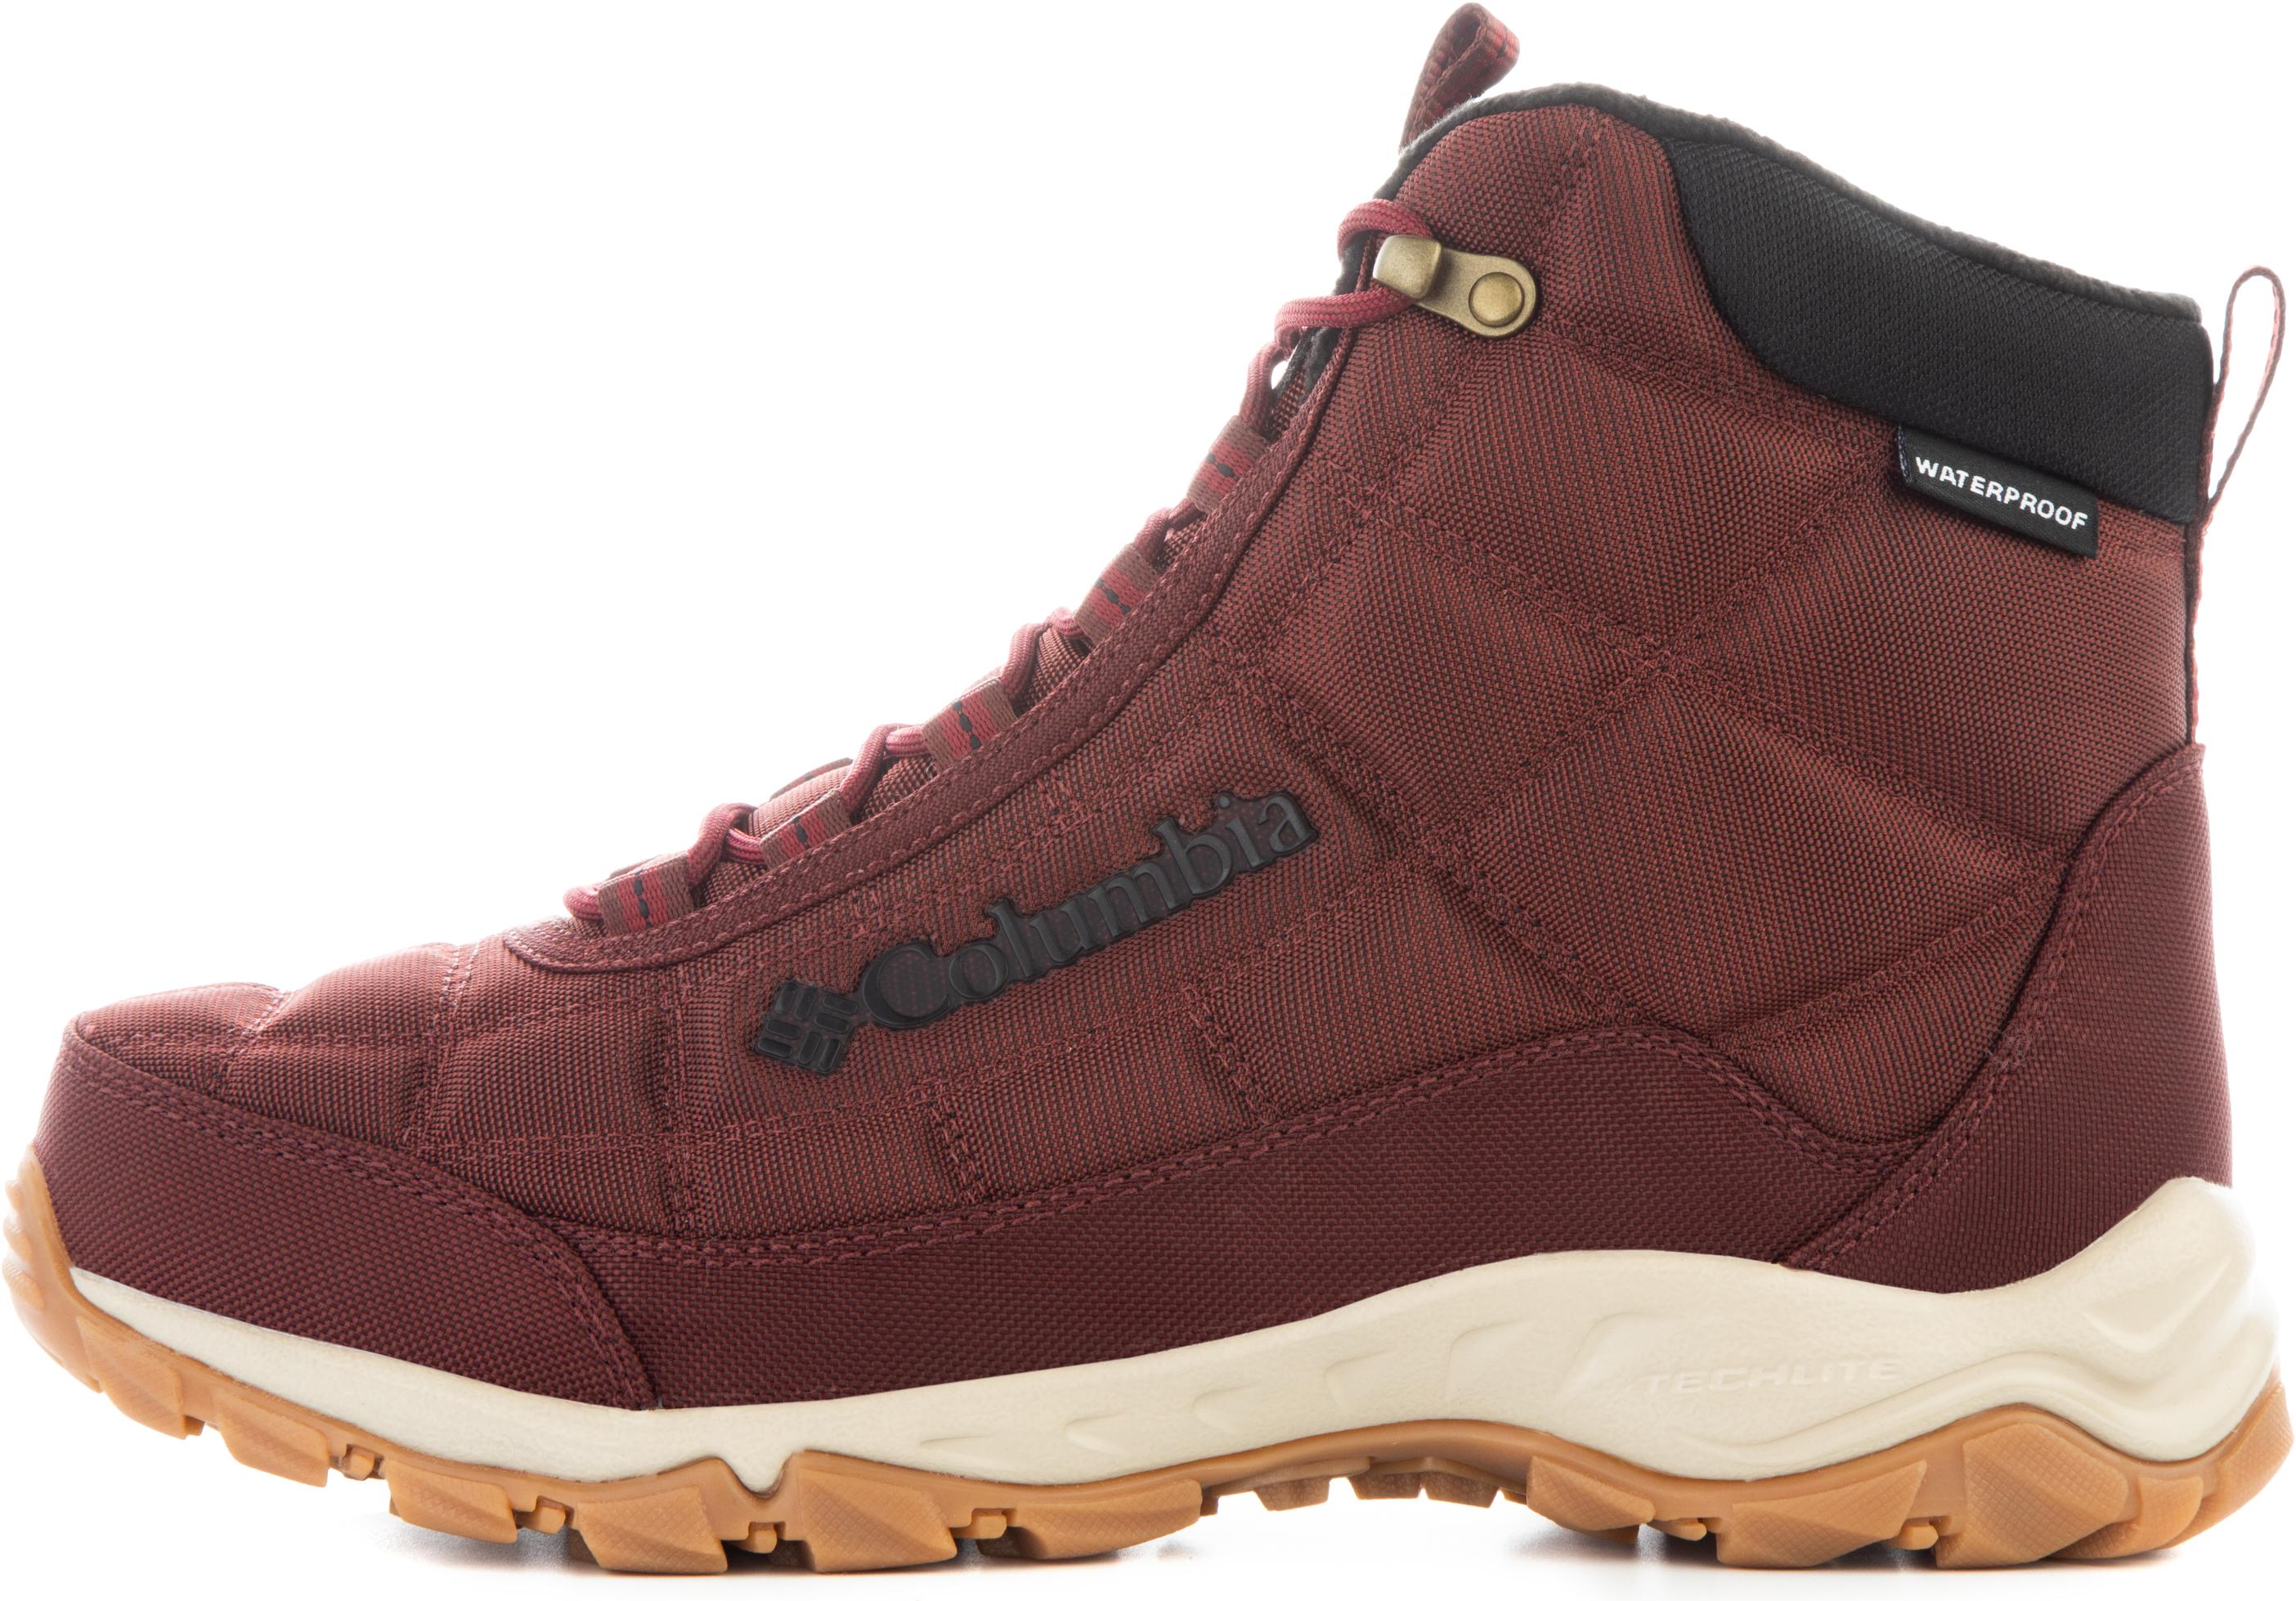 Columbia Ботинки утепленные мужские Firecamp, размер 45